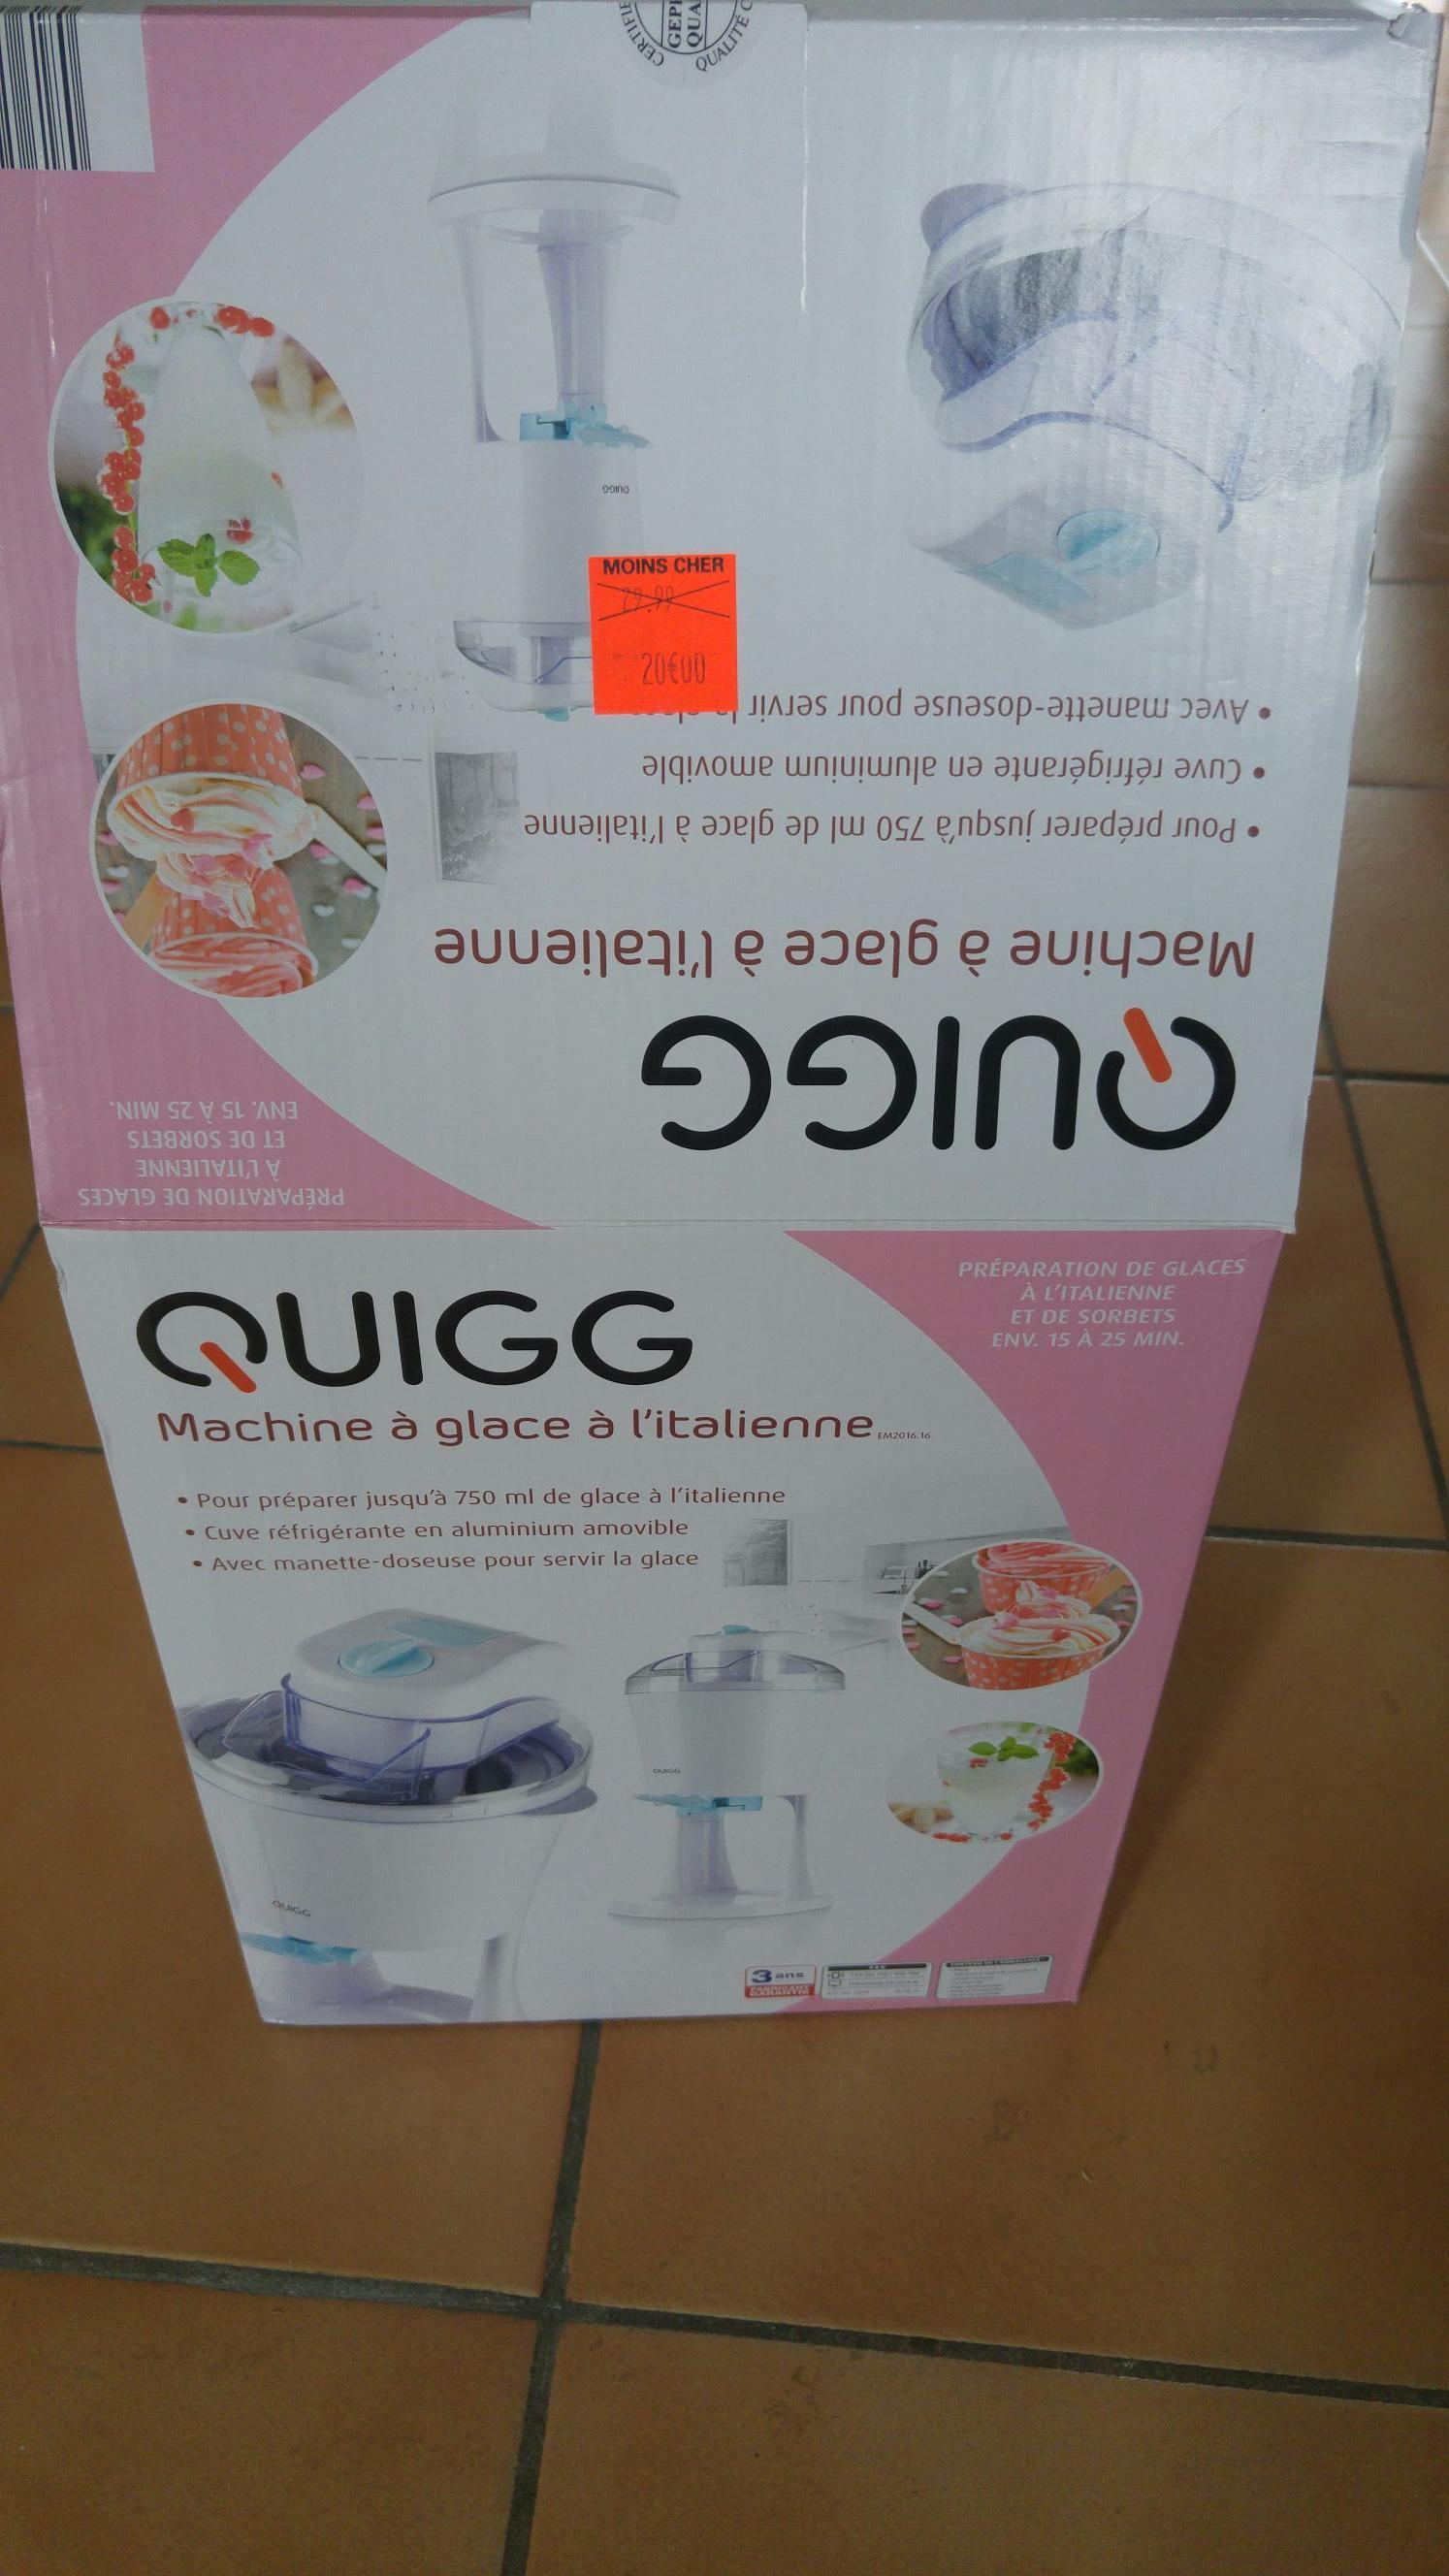 Machine à glaces à l'italienne Quigg